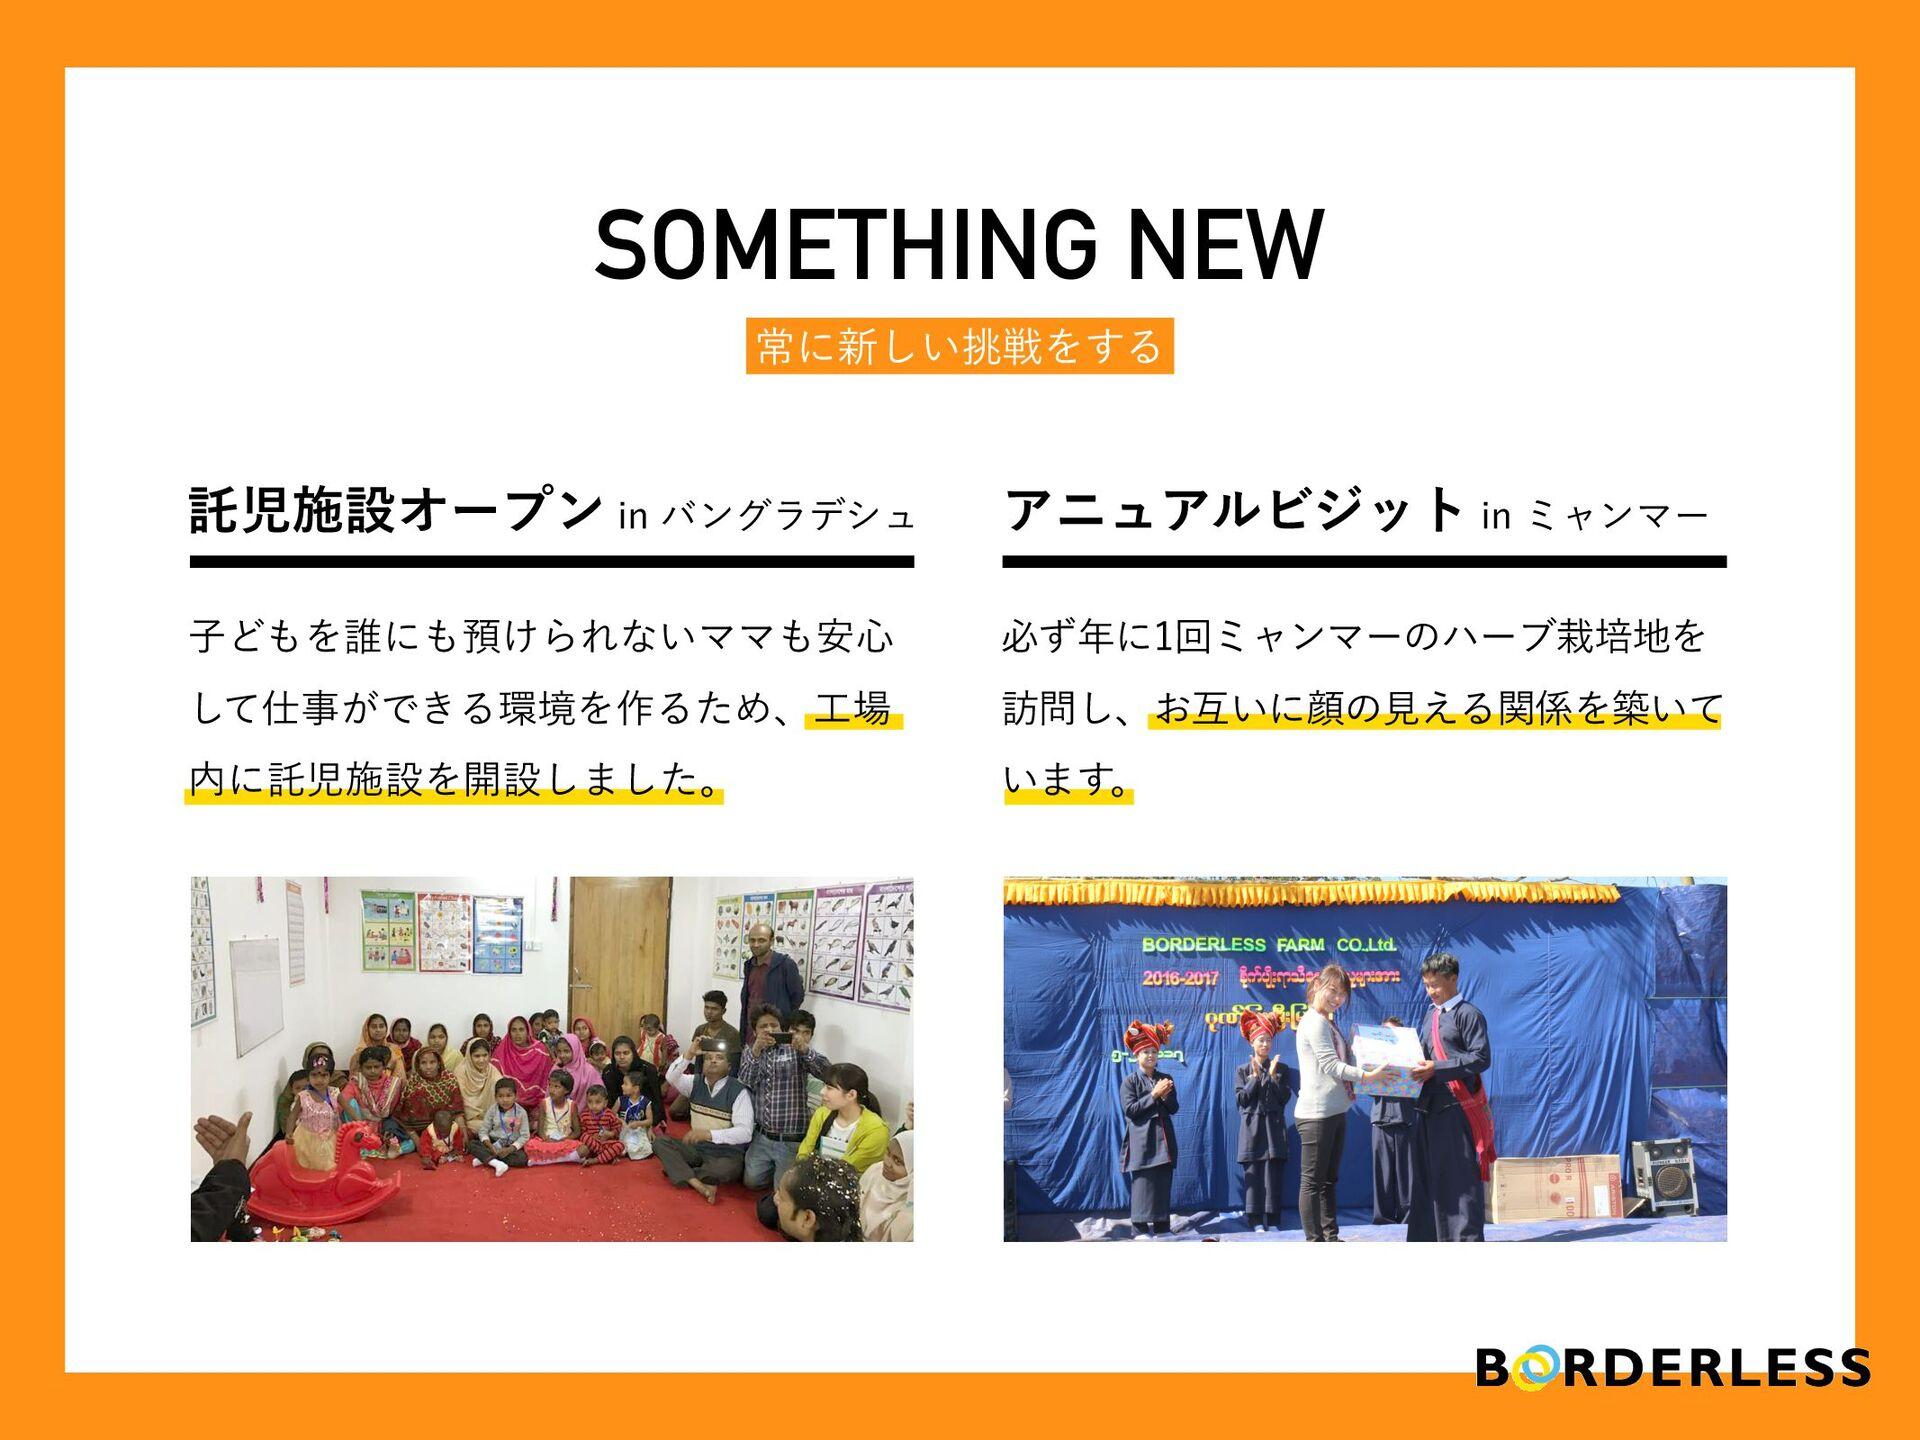 N SOMETHING NEW ৗʹ৽͍͠ઓΛ͢Δ ୗࢪઃΦʔϓϯJOόϯάϥσγϡ ...